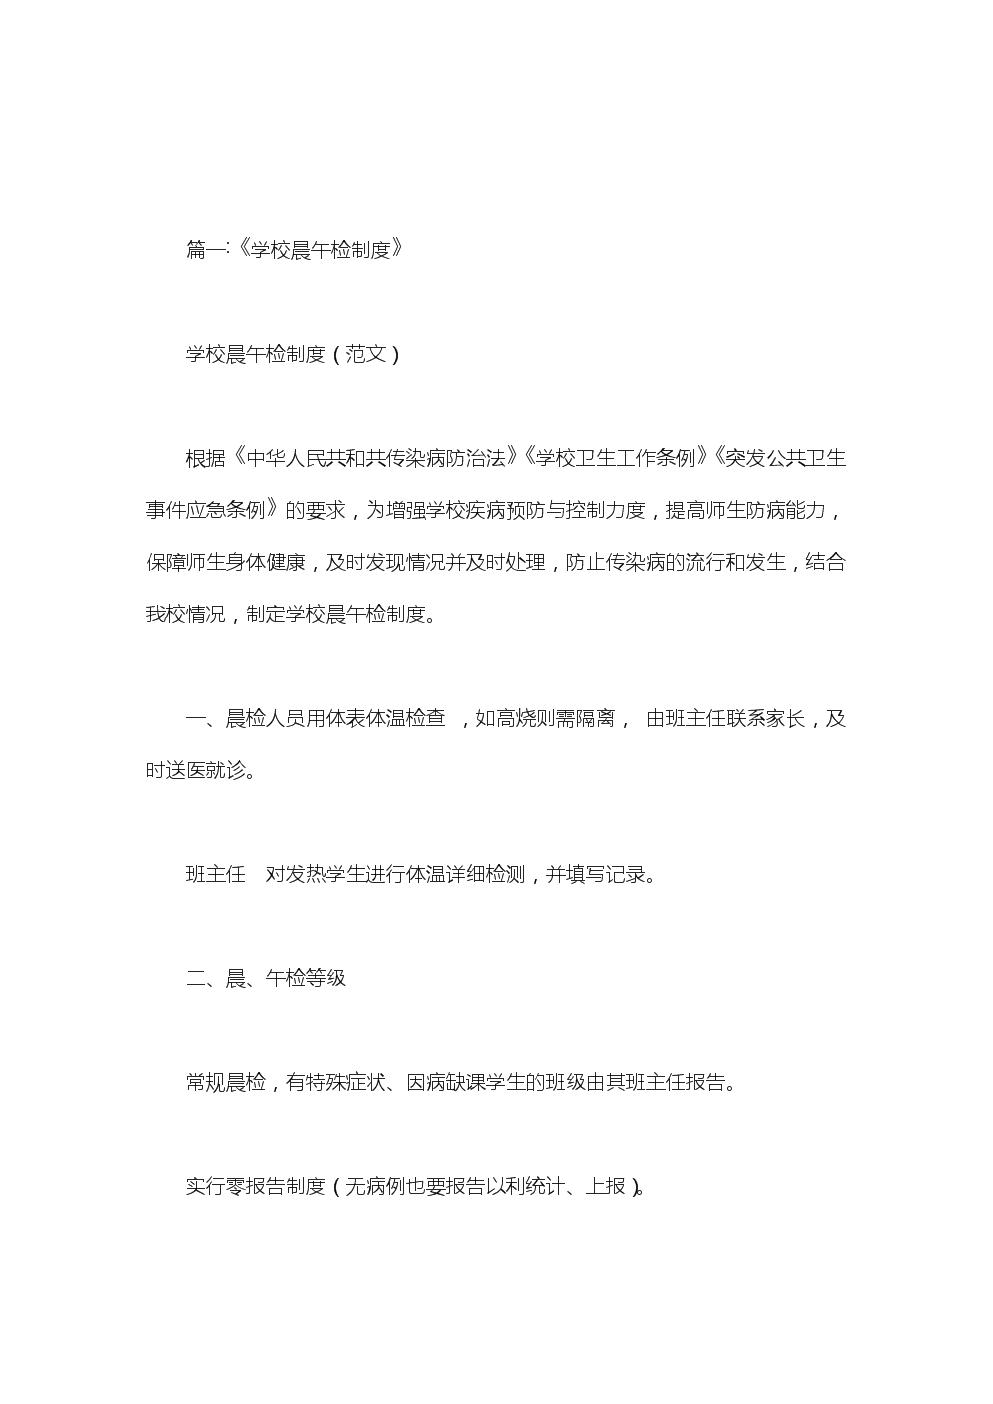 晨午檢制度范文.doc